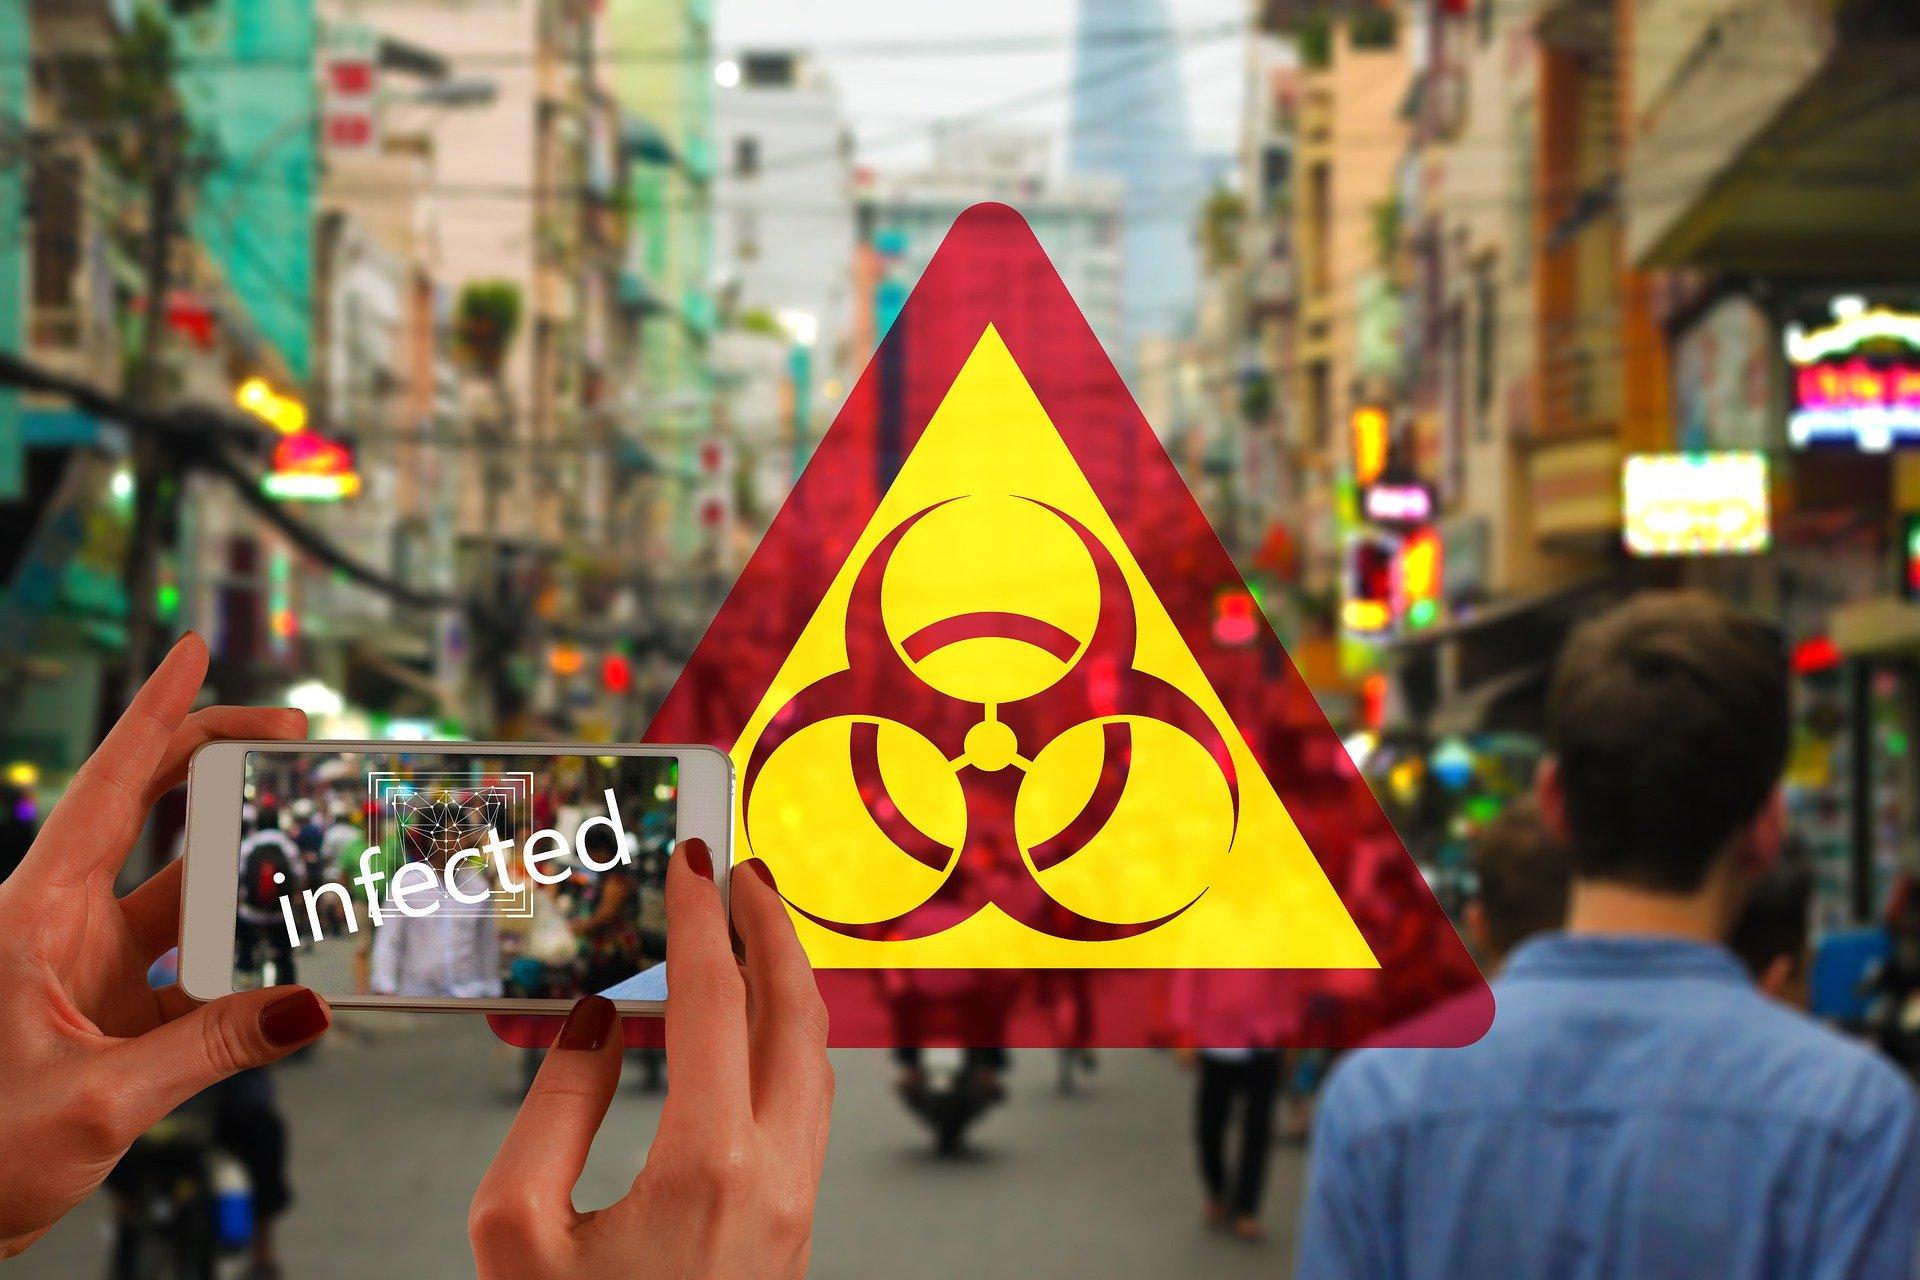 אזהרה מפני נגיף הקורונה בטלפון של אפל. איור: Image by Gerd Altmann from Pixabay